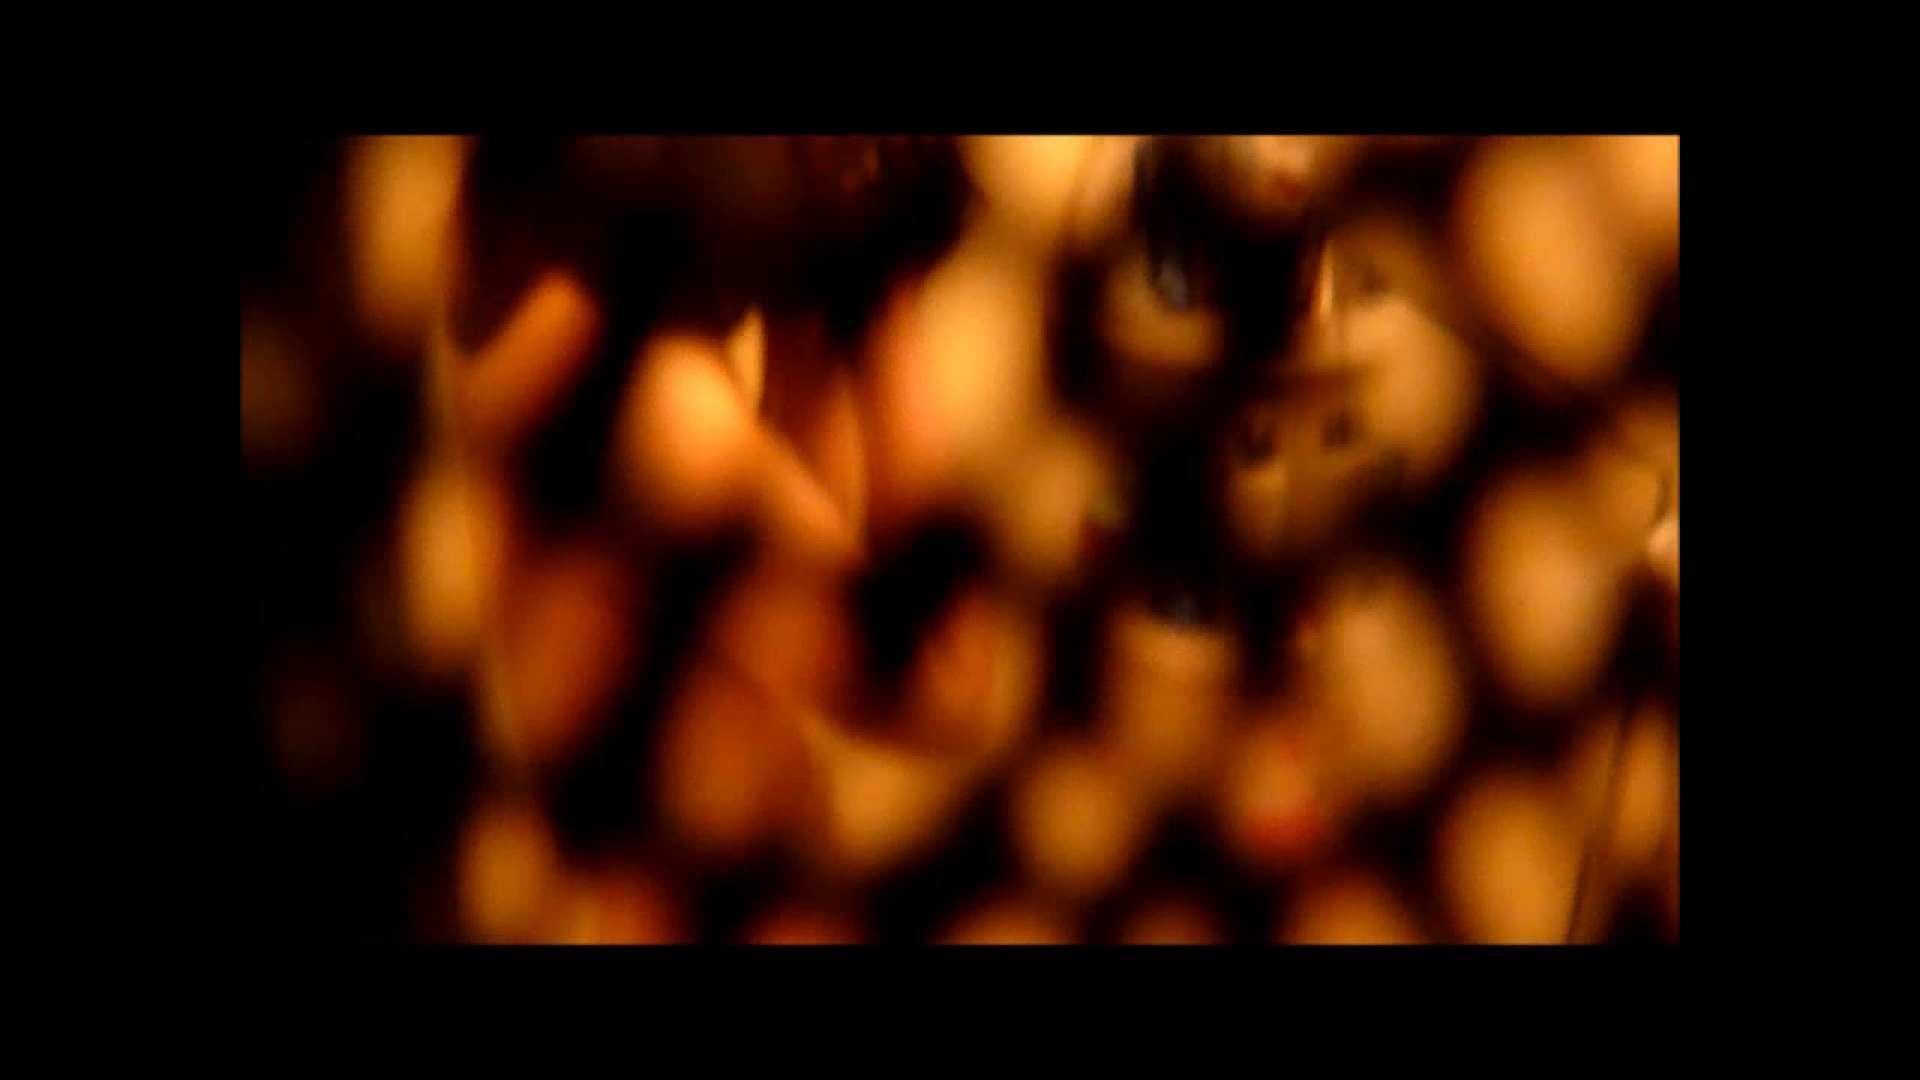 【02】ベランダに侵入して張り込みを始めて・・・やっと結果が出ました。 マンコ・ムレムレ スケベ動画紹介 79pic 13